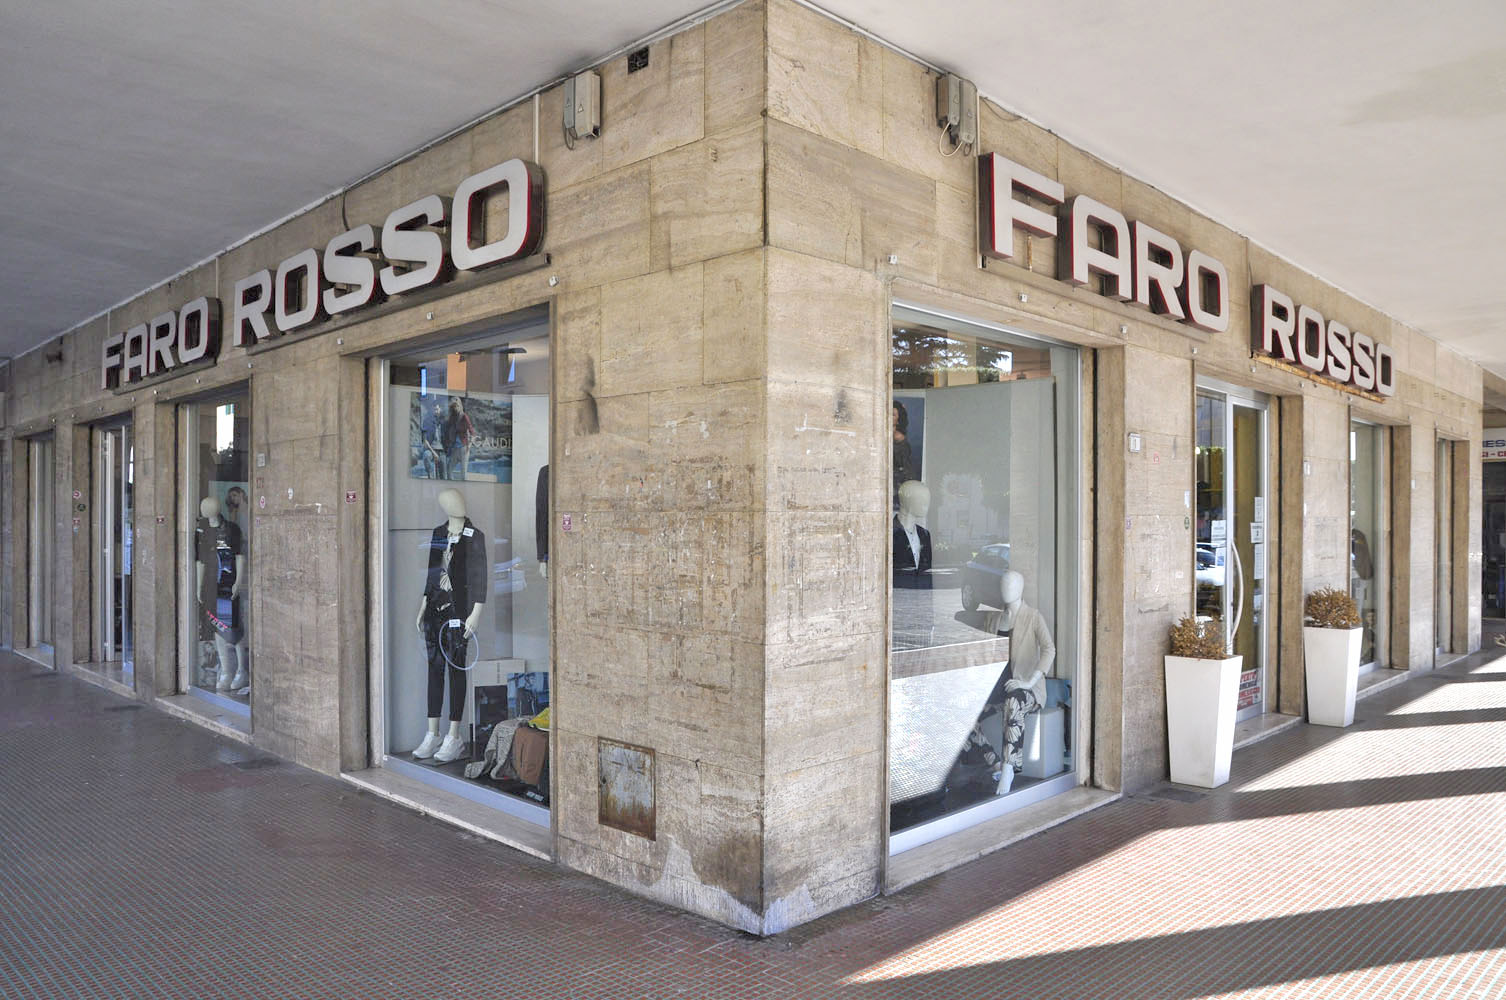 Faro Rosso